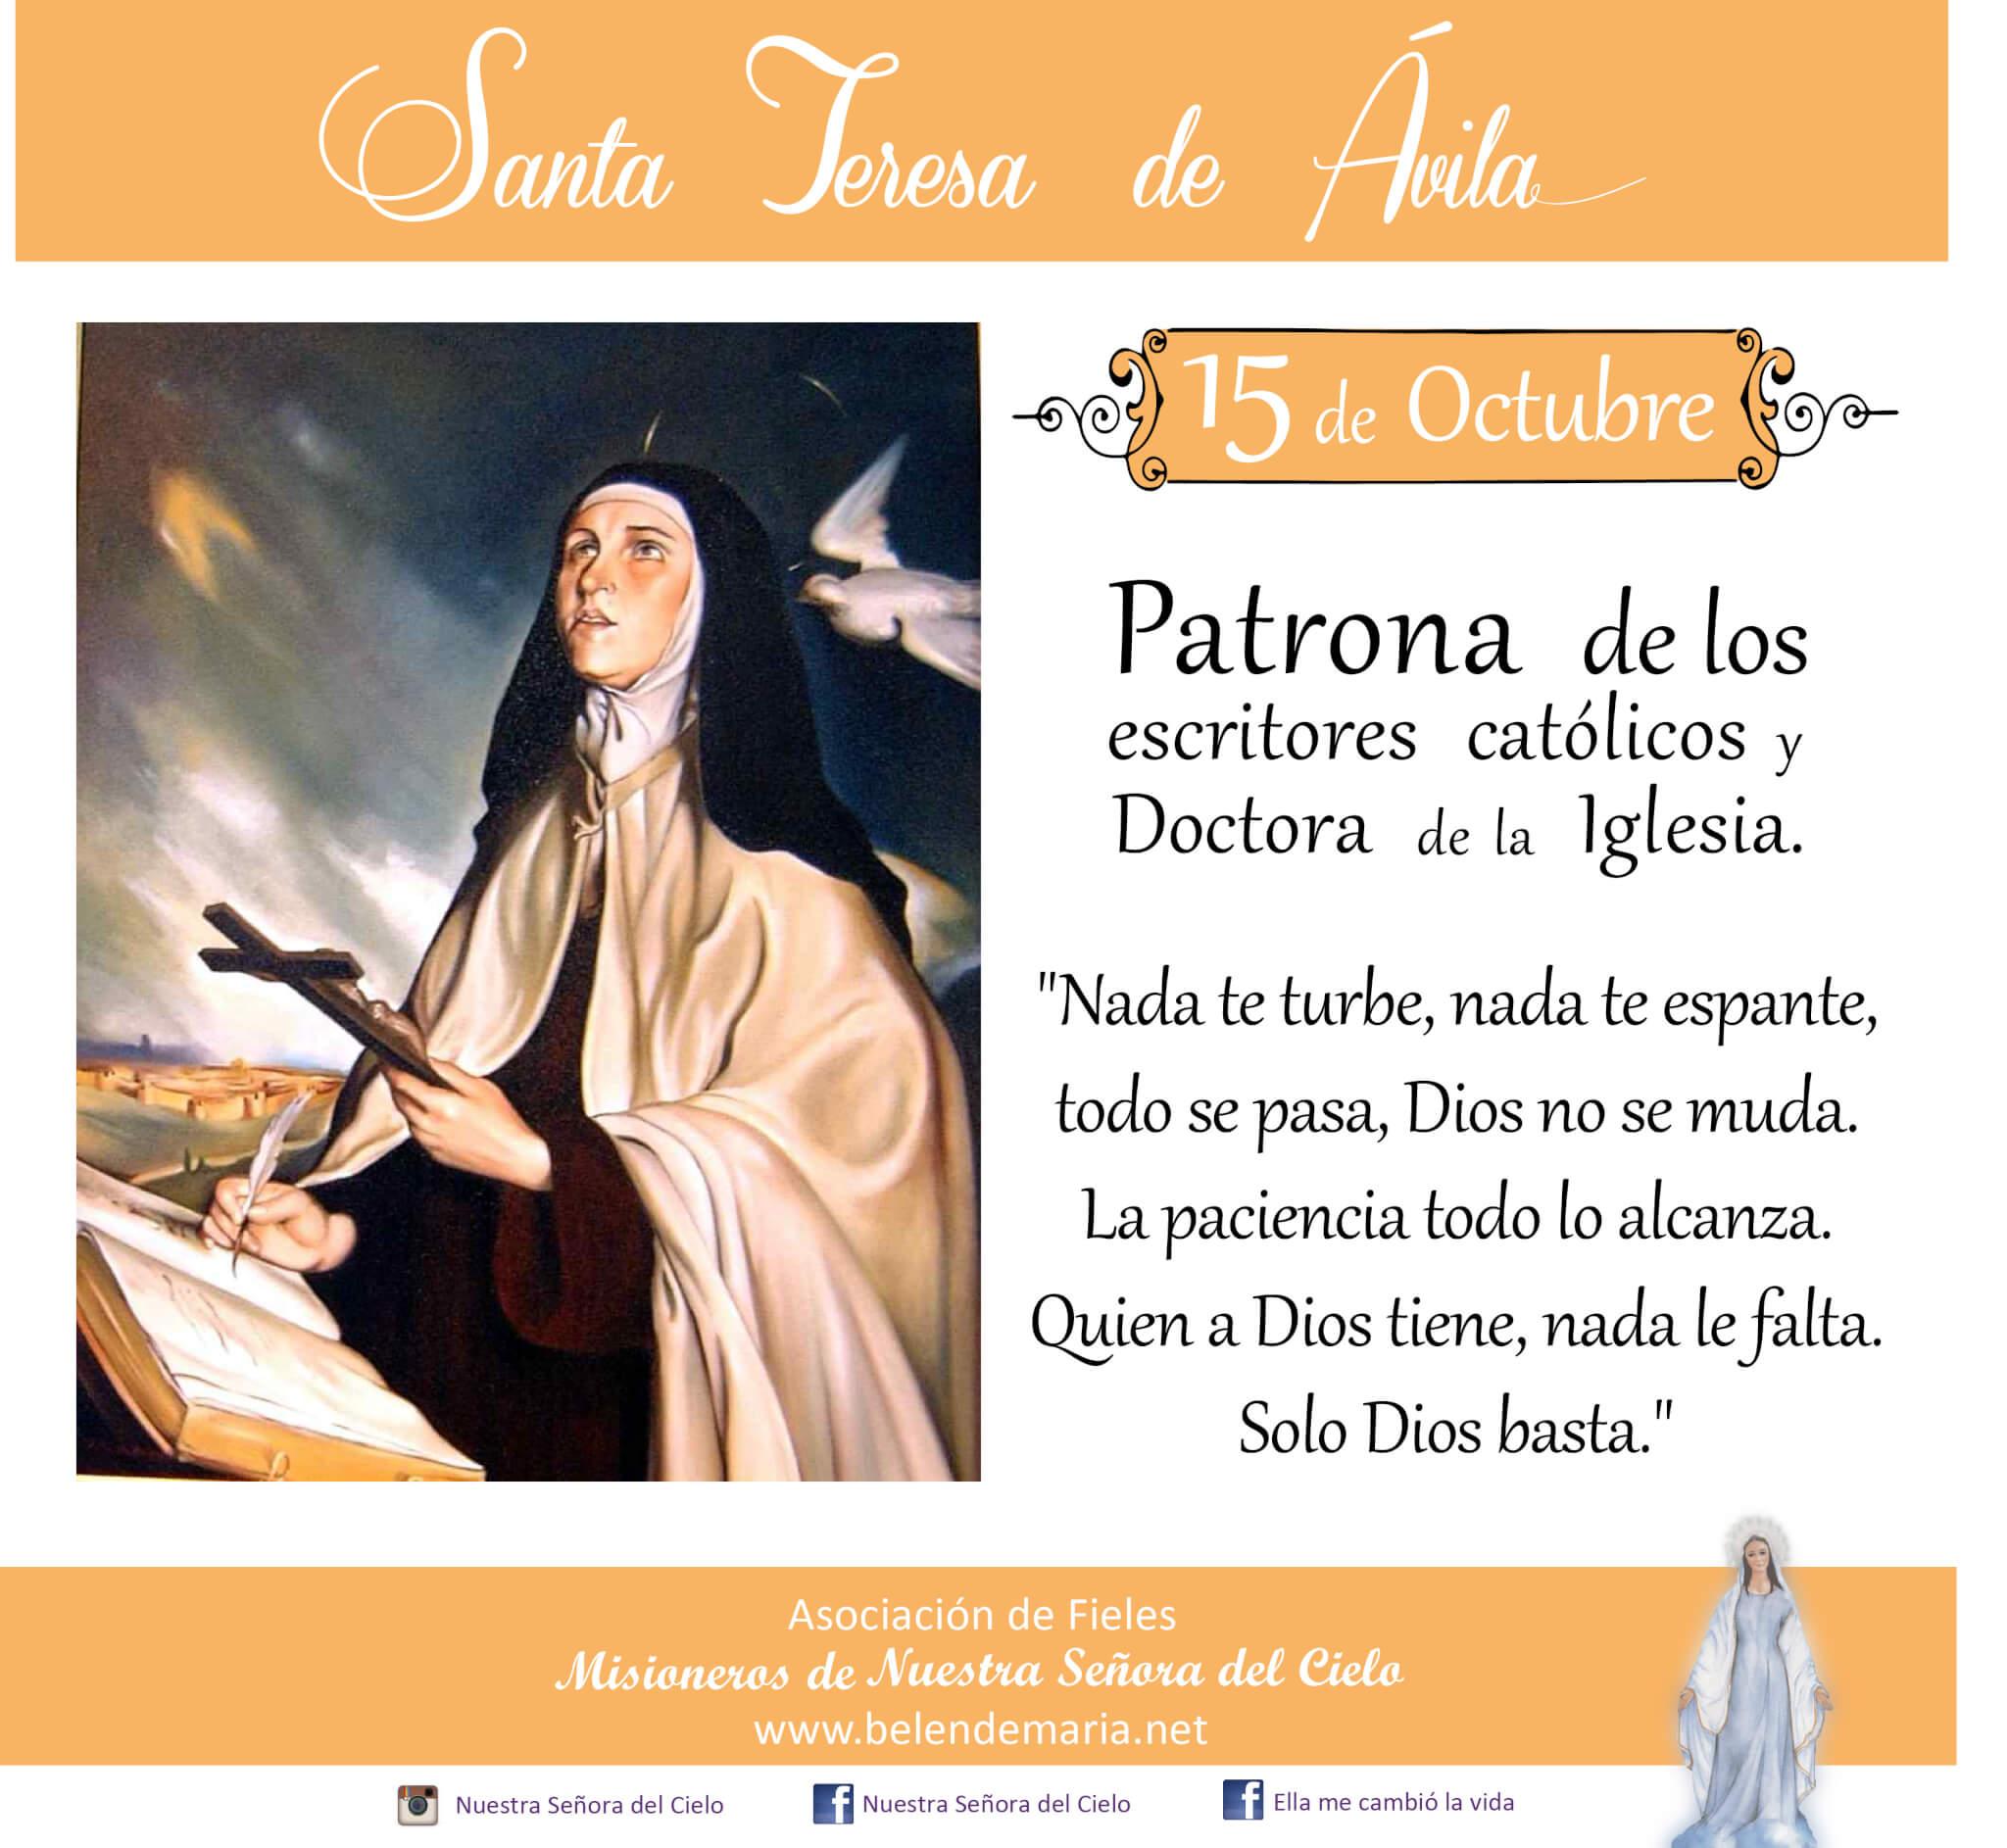 15 de Octubre: dia de Santa Teresa de Ávila ❣